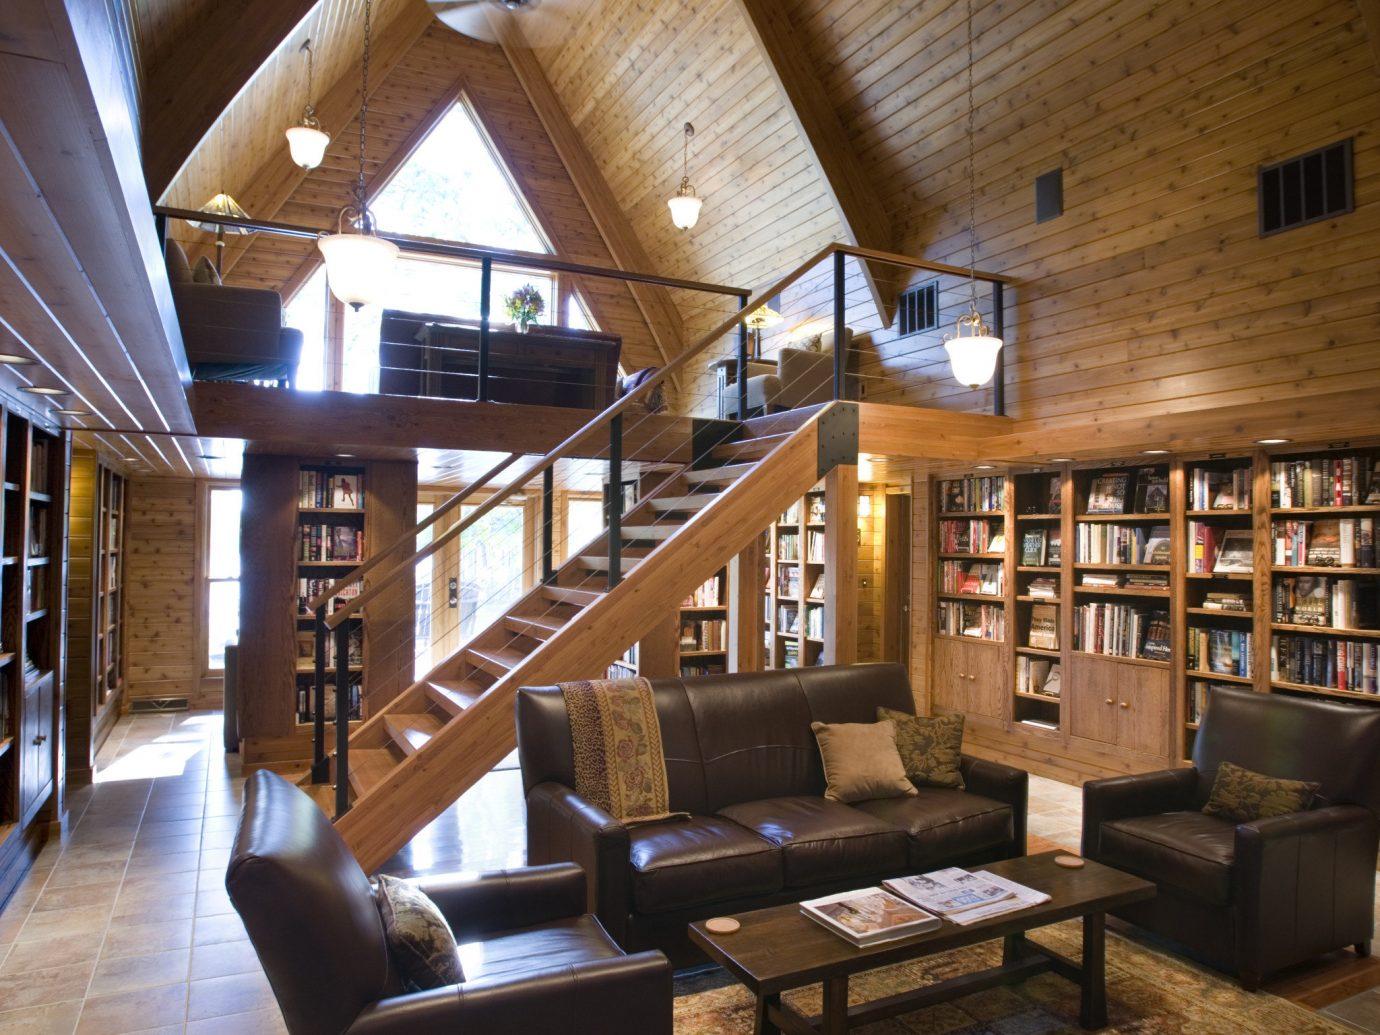 Hotels indoor floor ceiling room property Lobby estate home interior design living room wood Design loft restaurant cottage furniture